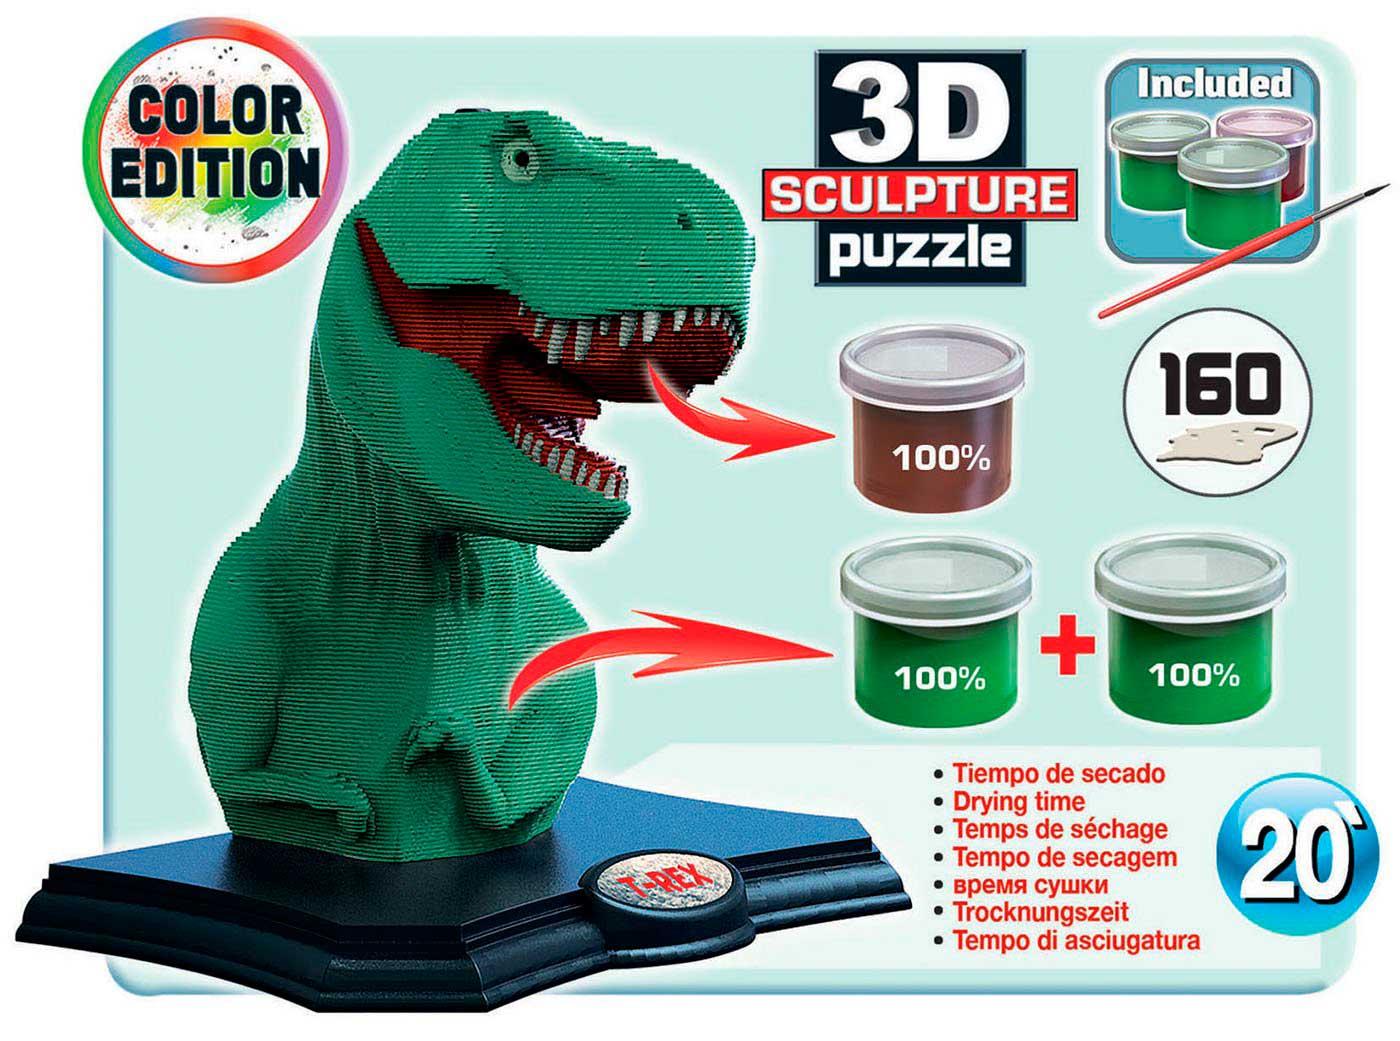 Puzzle 3D Sculpture Color T-Rex de 160 Piezas